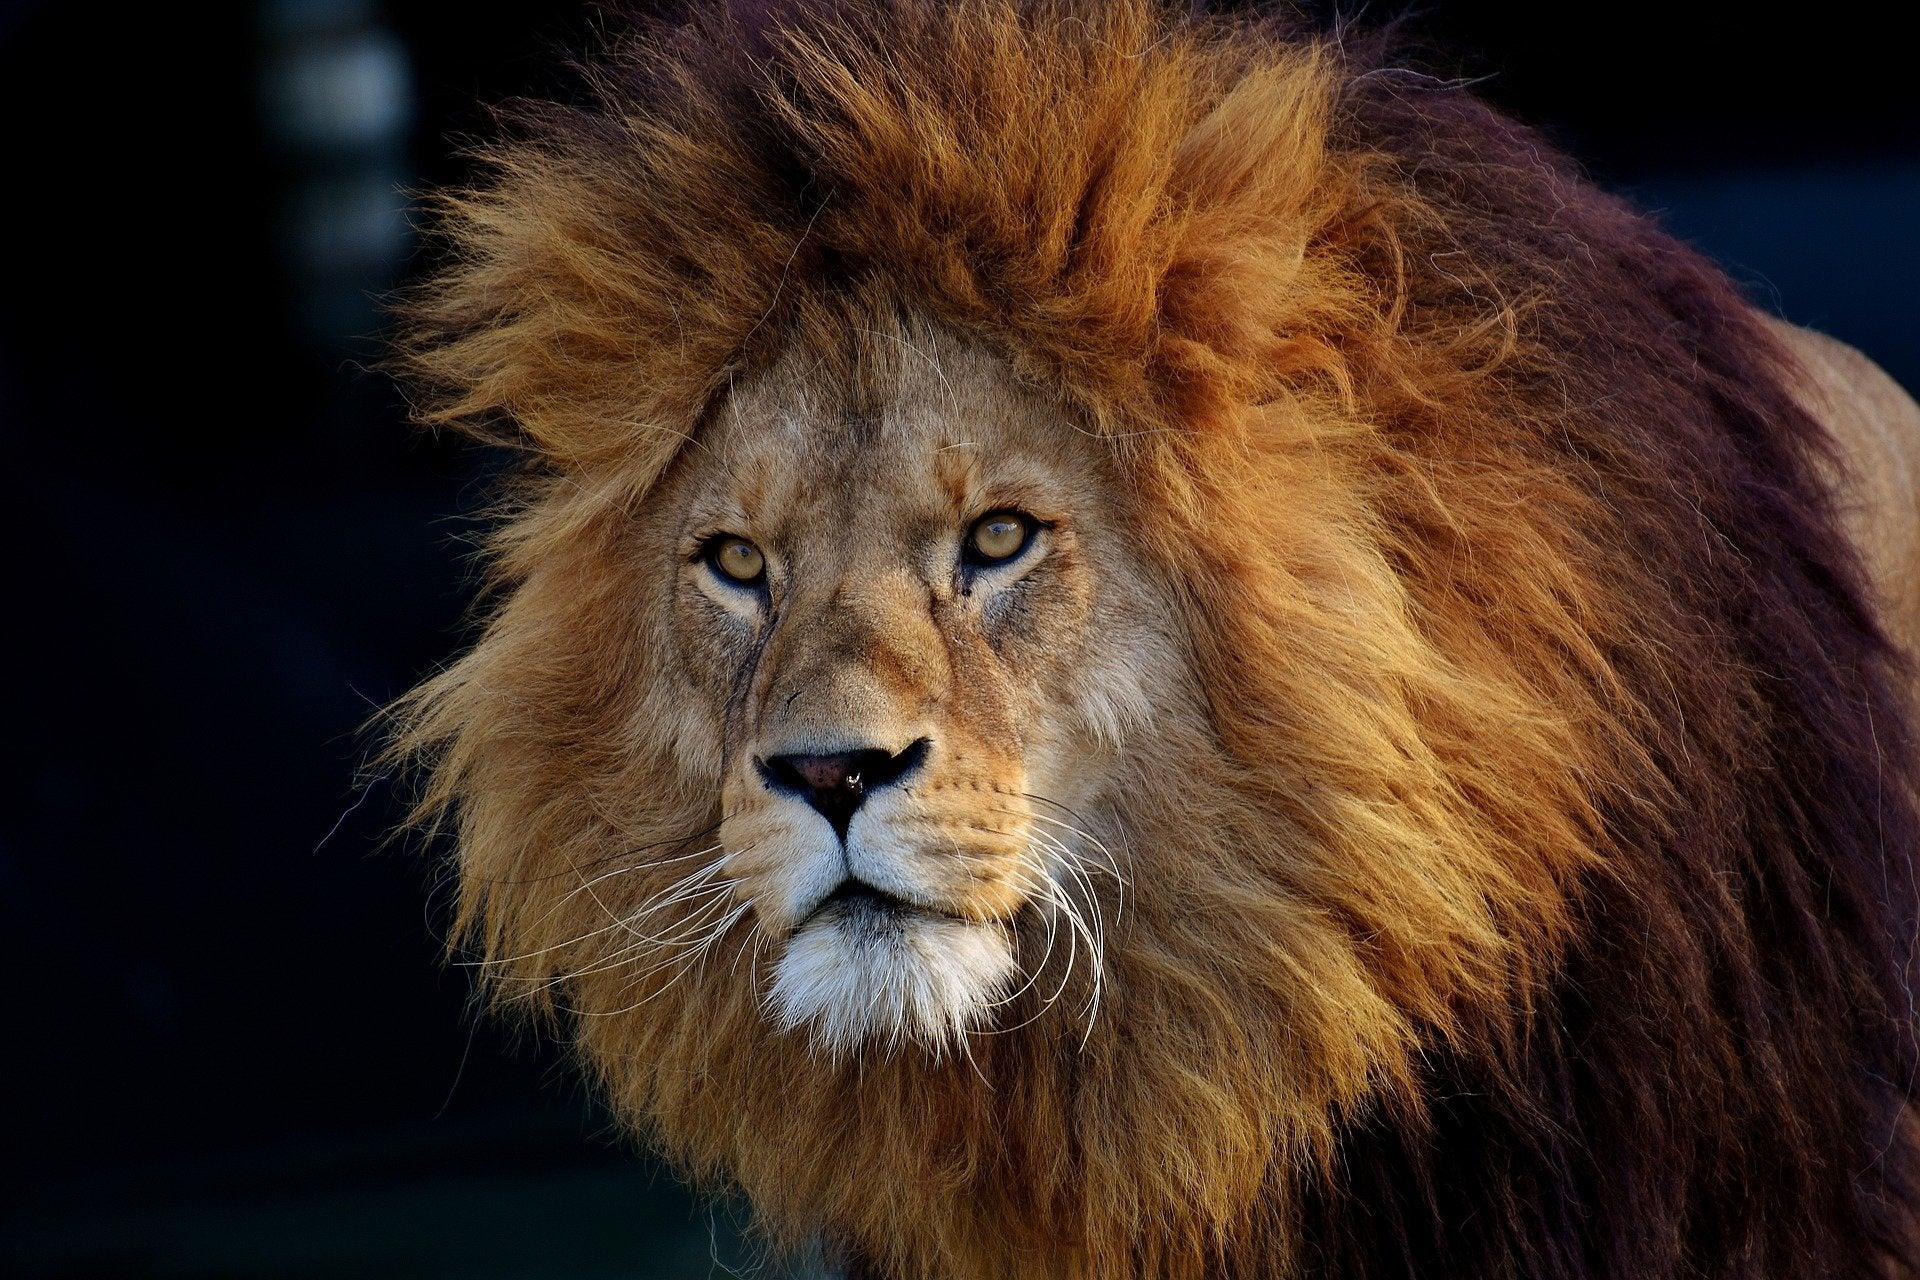 احلى صوره لملك الغابه